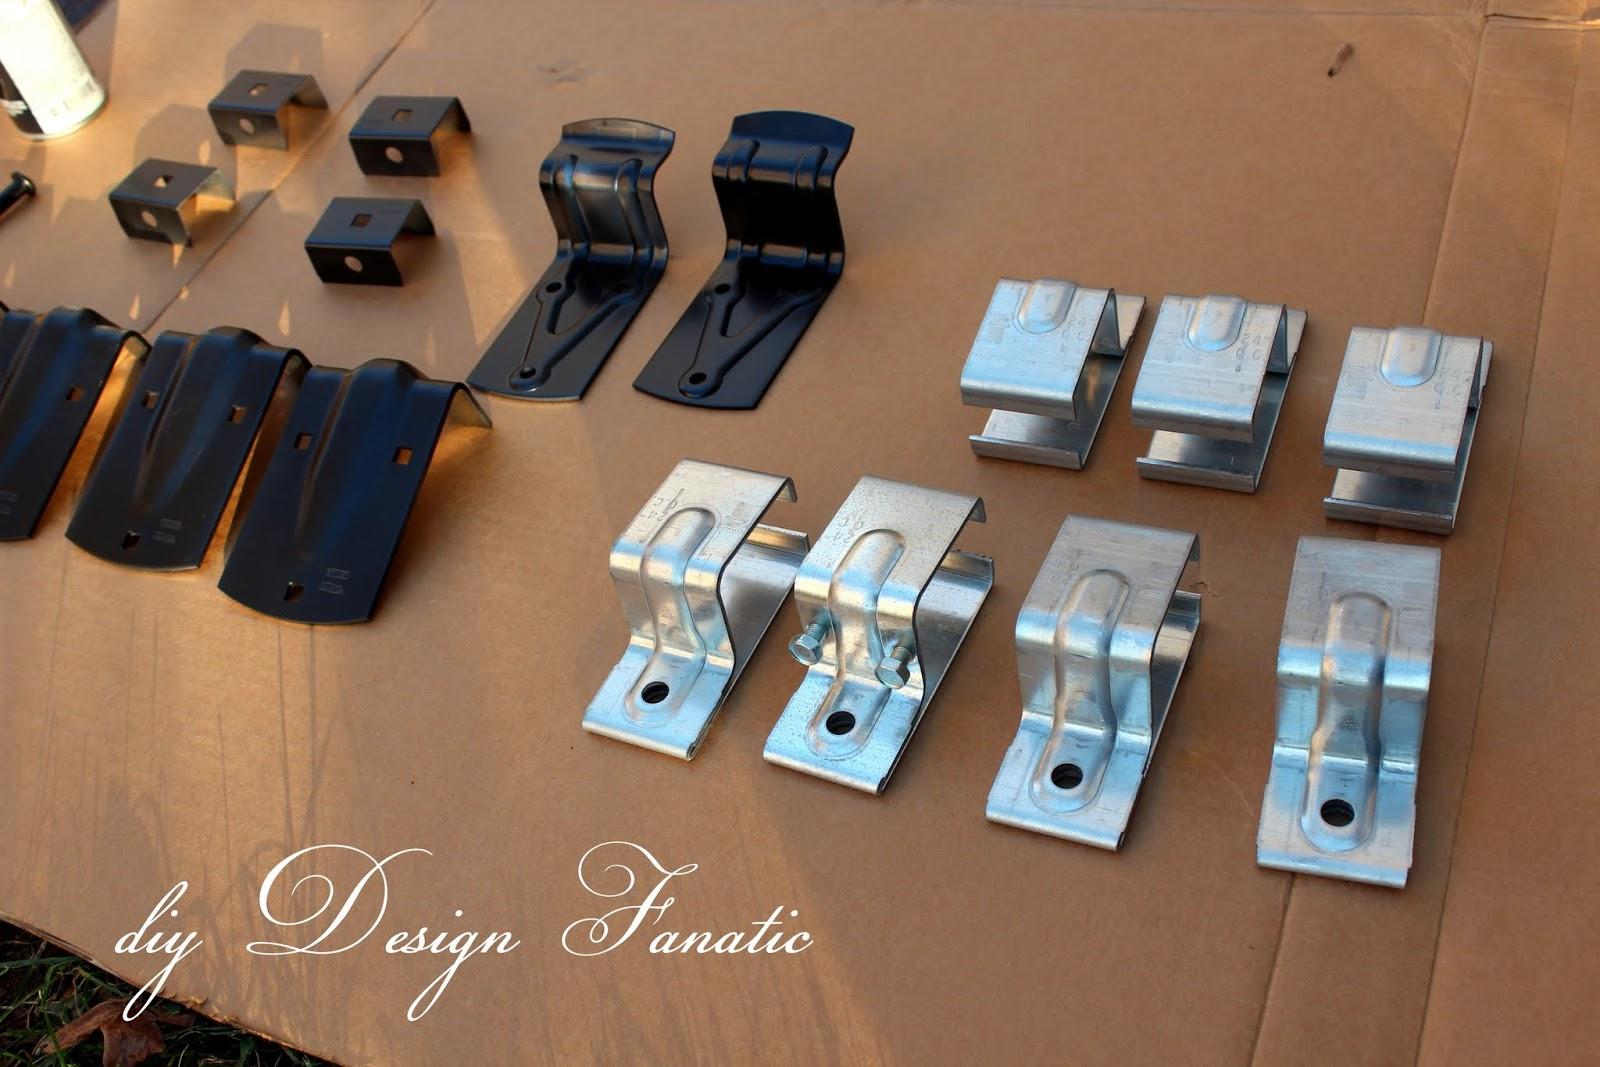 Diy Barn Doors Diy Design Fanatic Diy Barn Doors